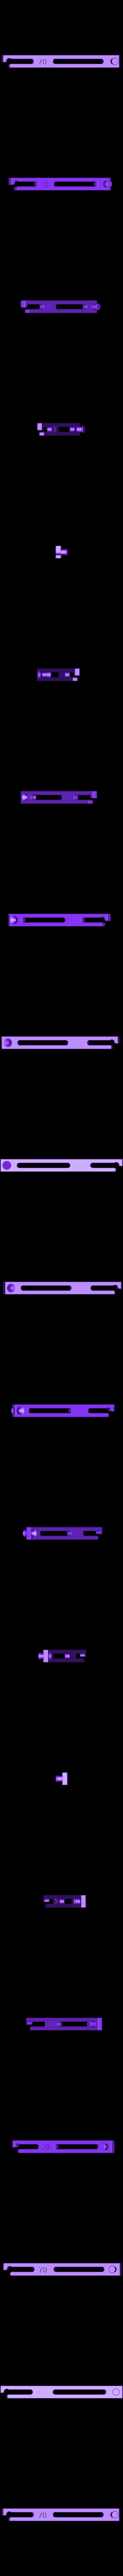 snapStick_70mm.stl Download free STL file Snap Stick, Bar, Interlocking, Math • 3D print model, LGBU